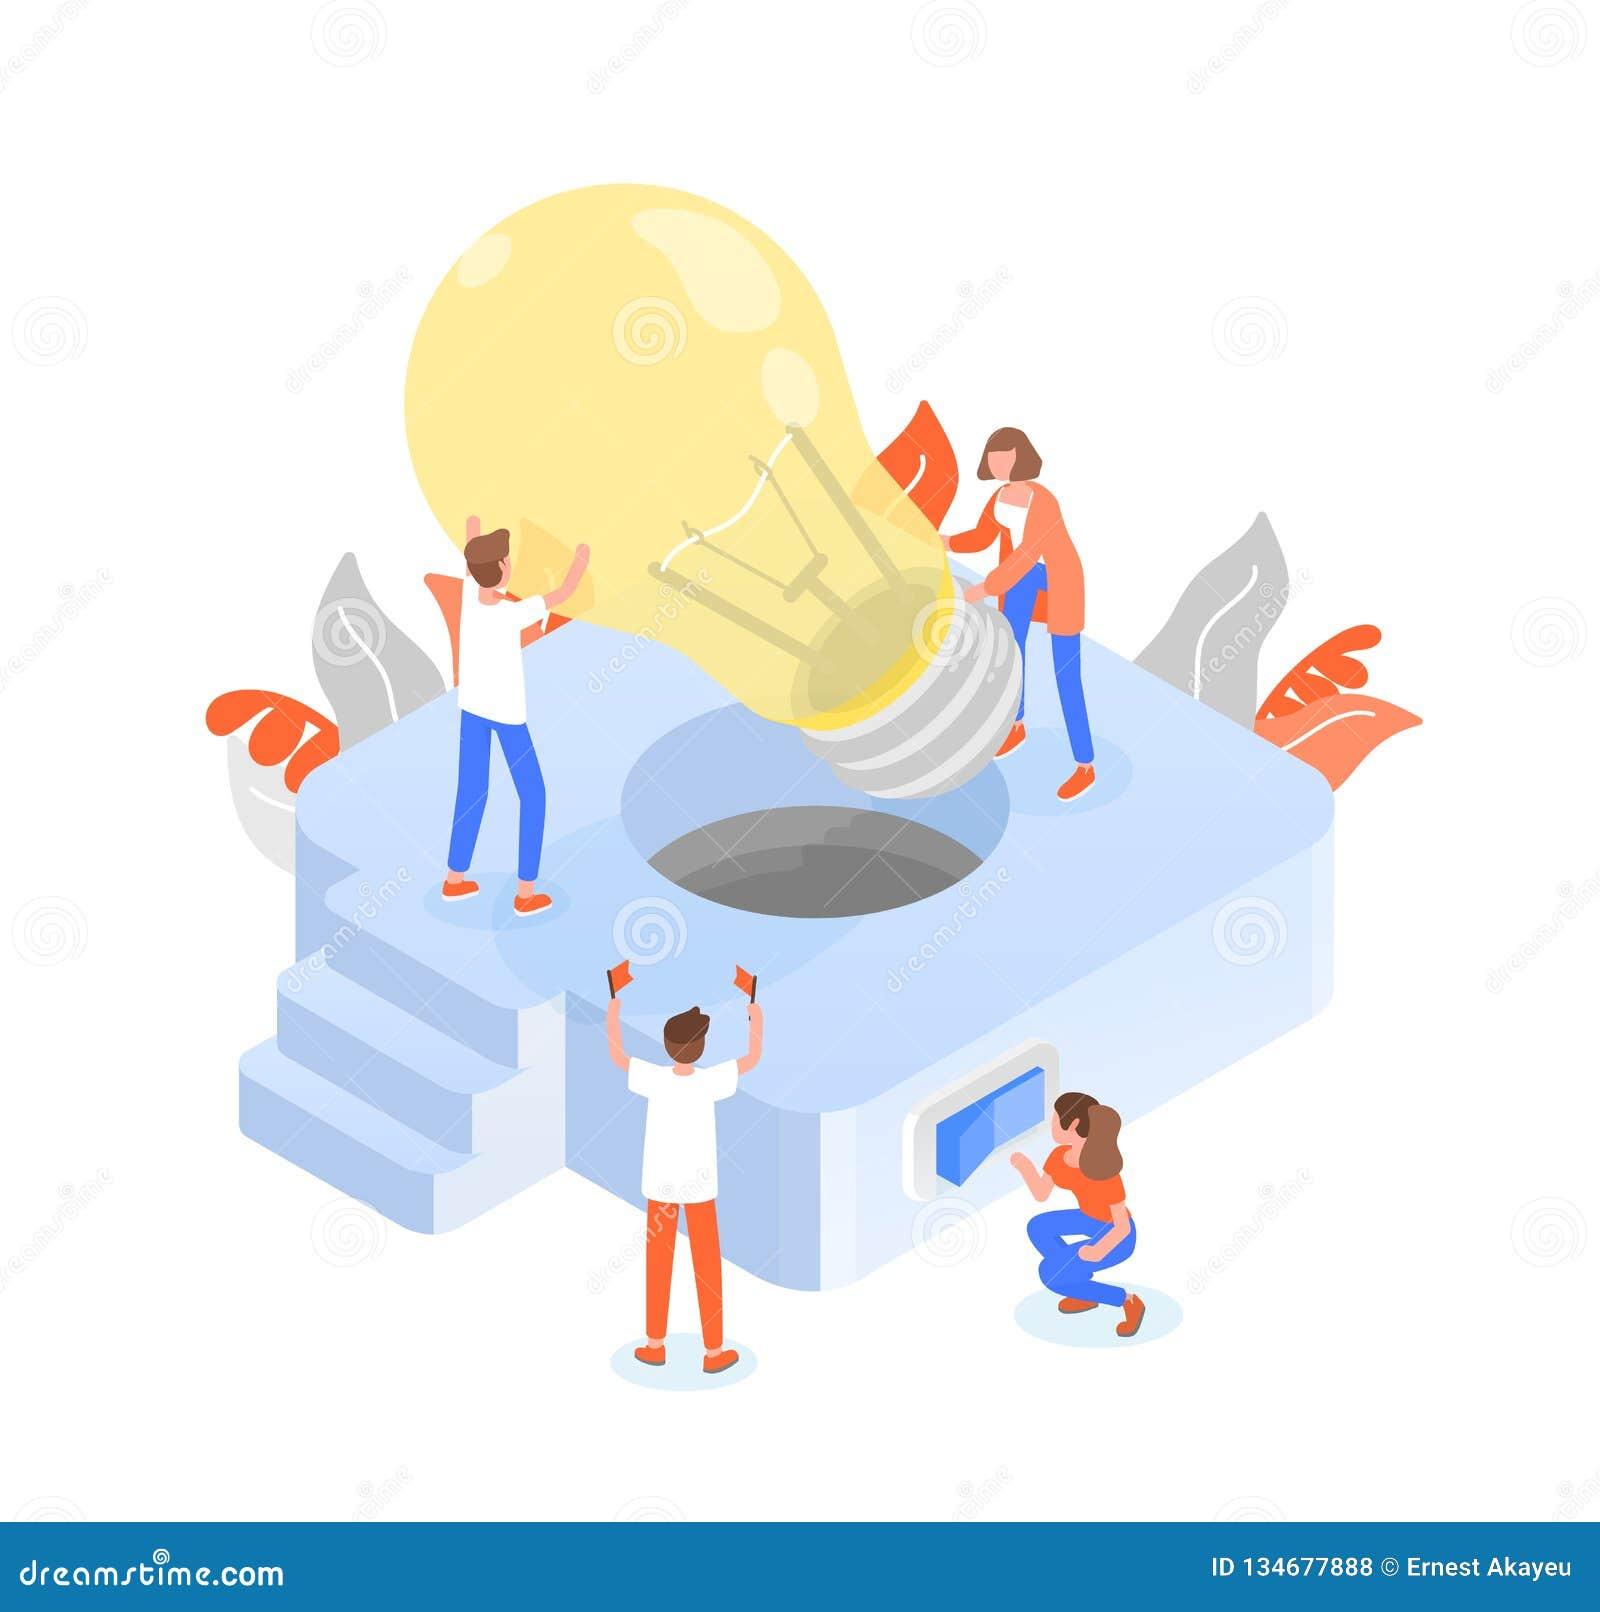 Grupp människor eller gruppmedlemmar som sätter den jätte- lightbulben in i det ljusa fasta tillbehöret Teamwork eller effektivt